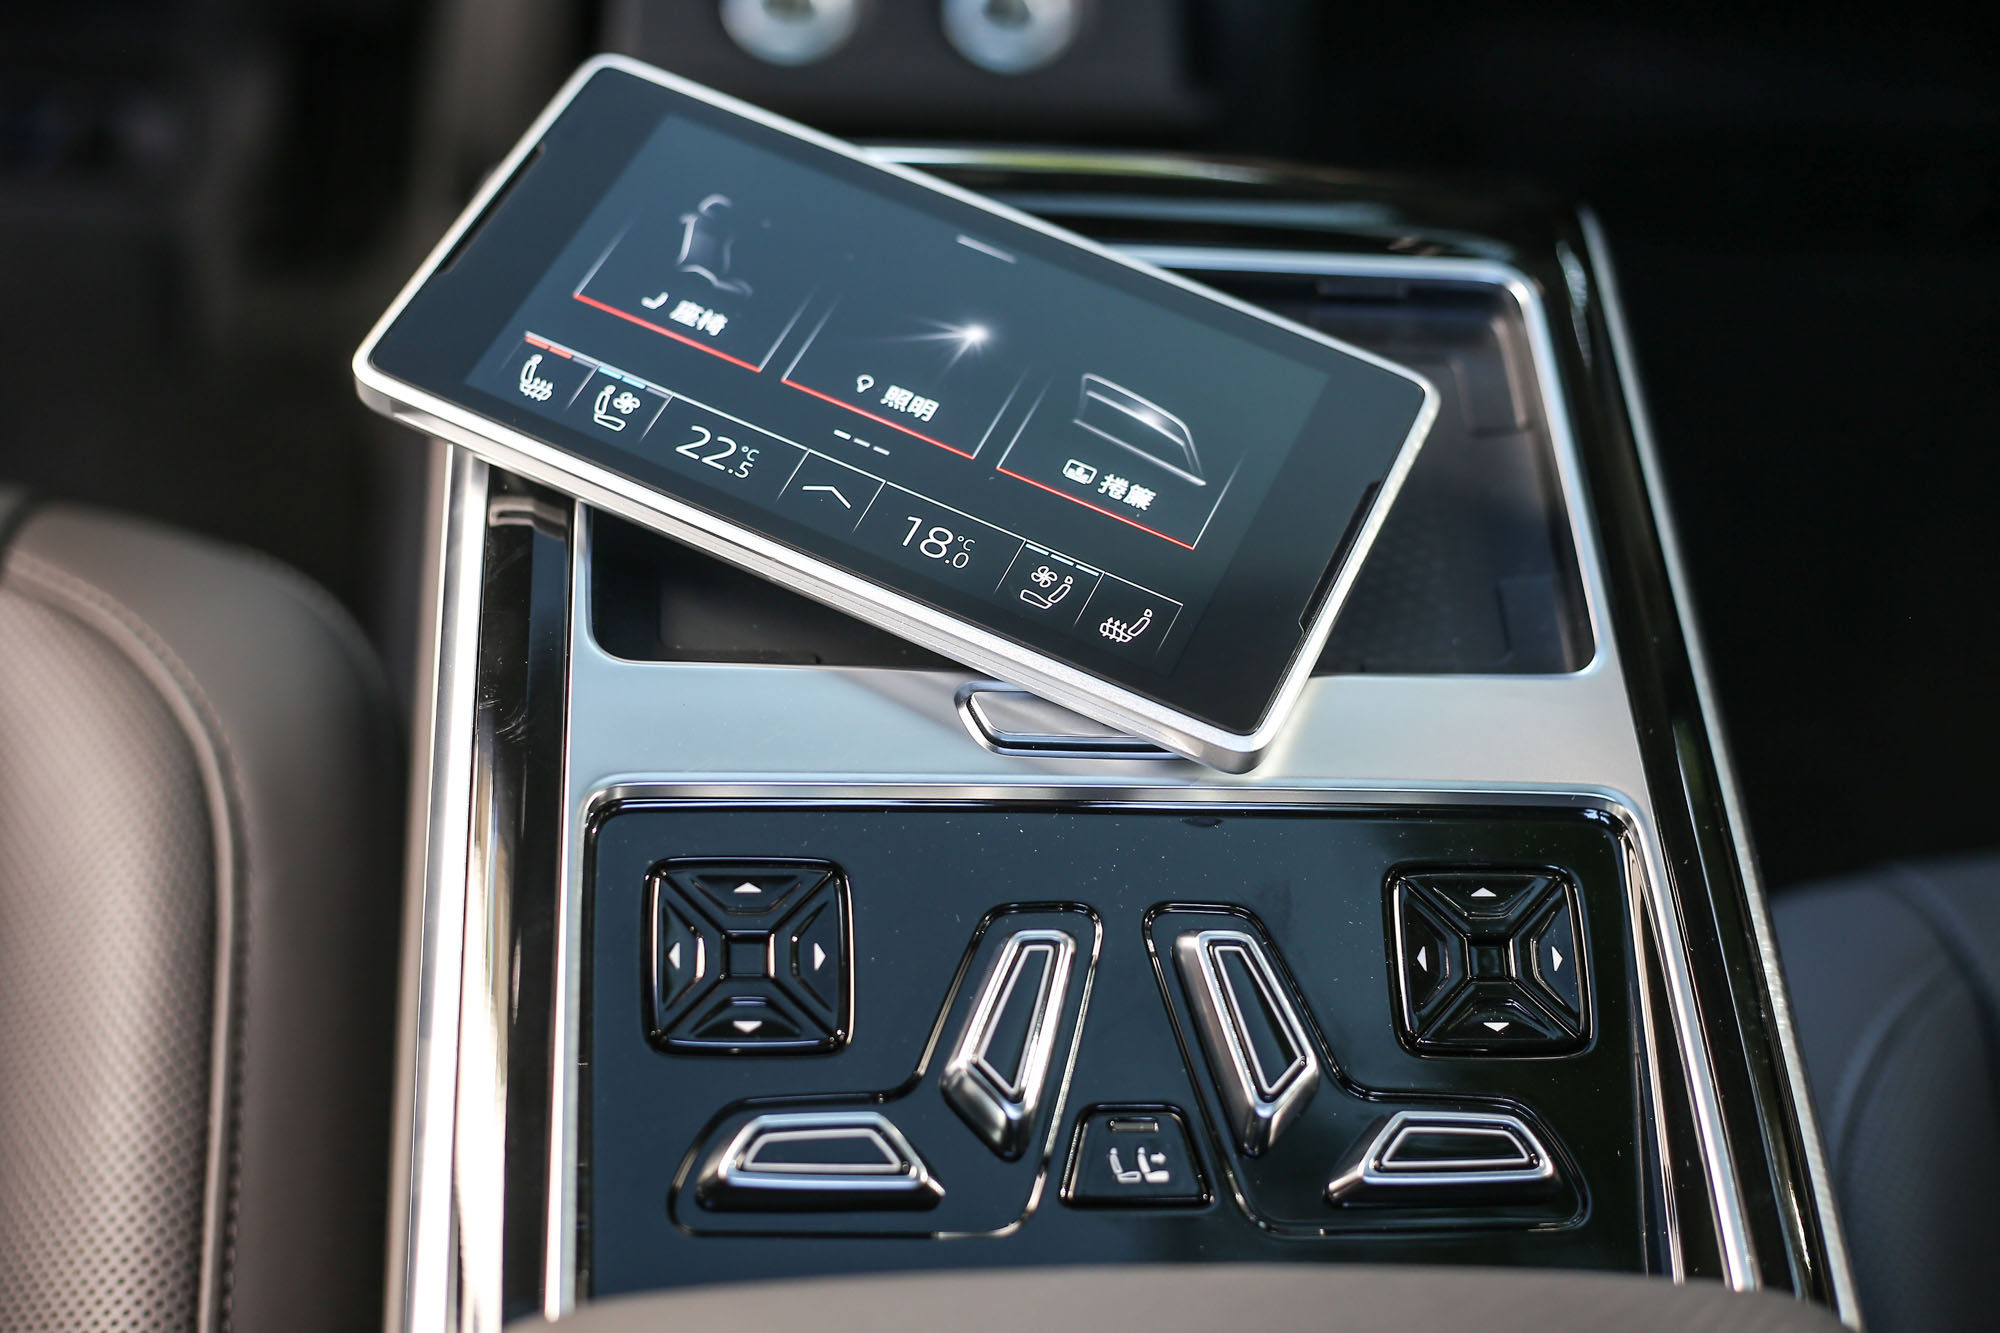 Audi 後座智聯控制平板的 5.7 吋 OLED 顯示幕,也是 Premium 套件內容。